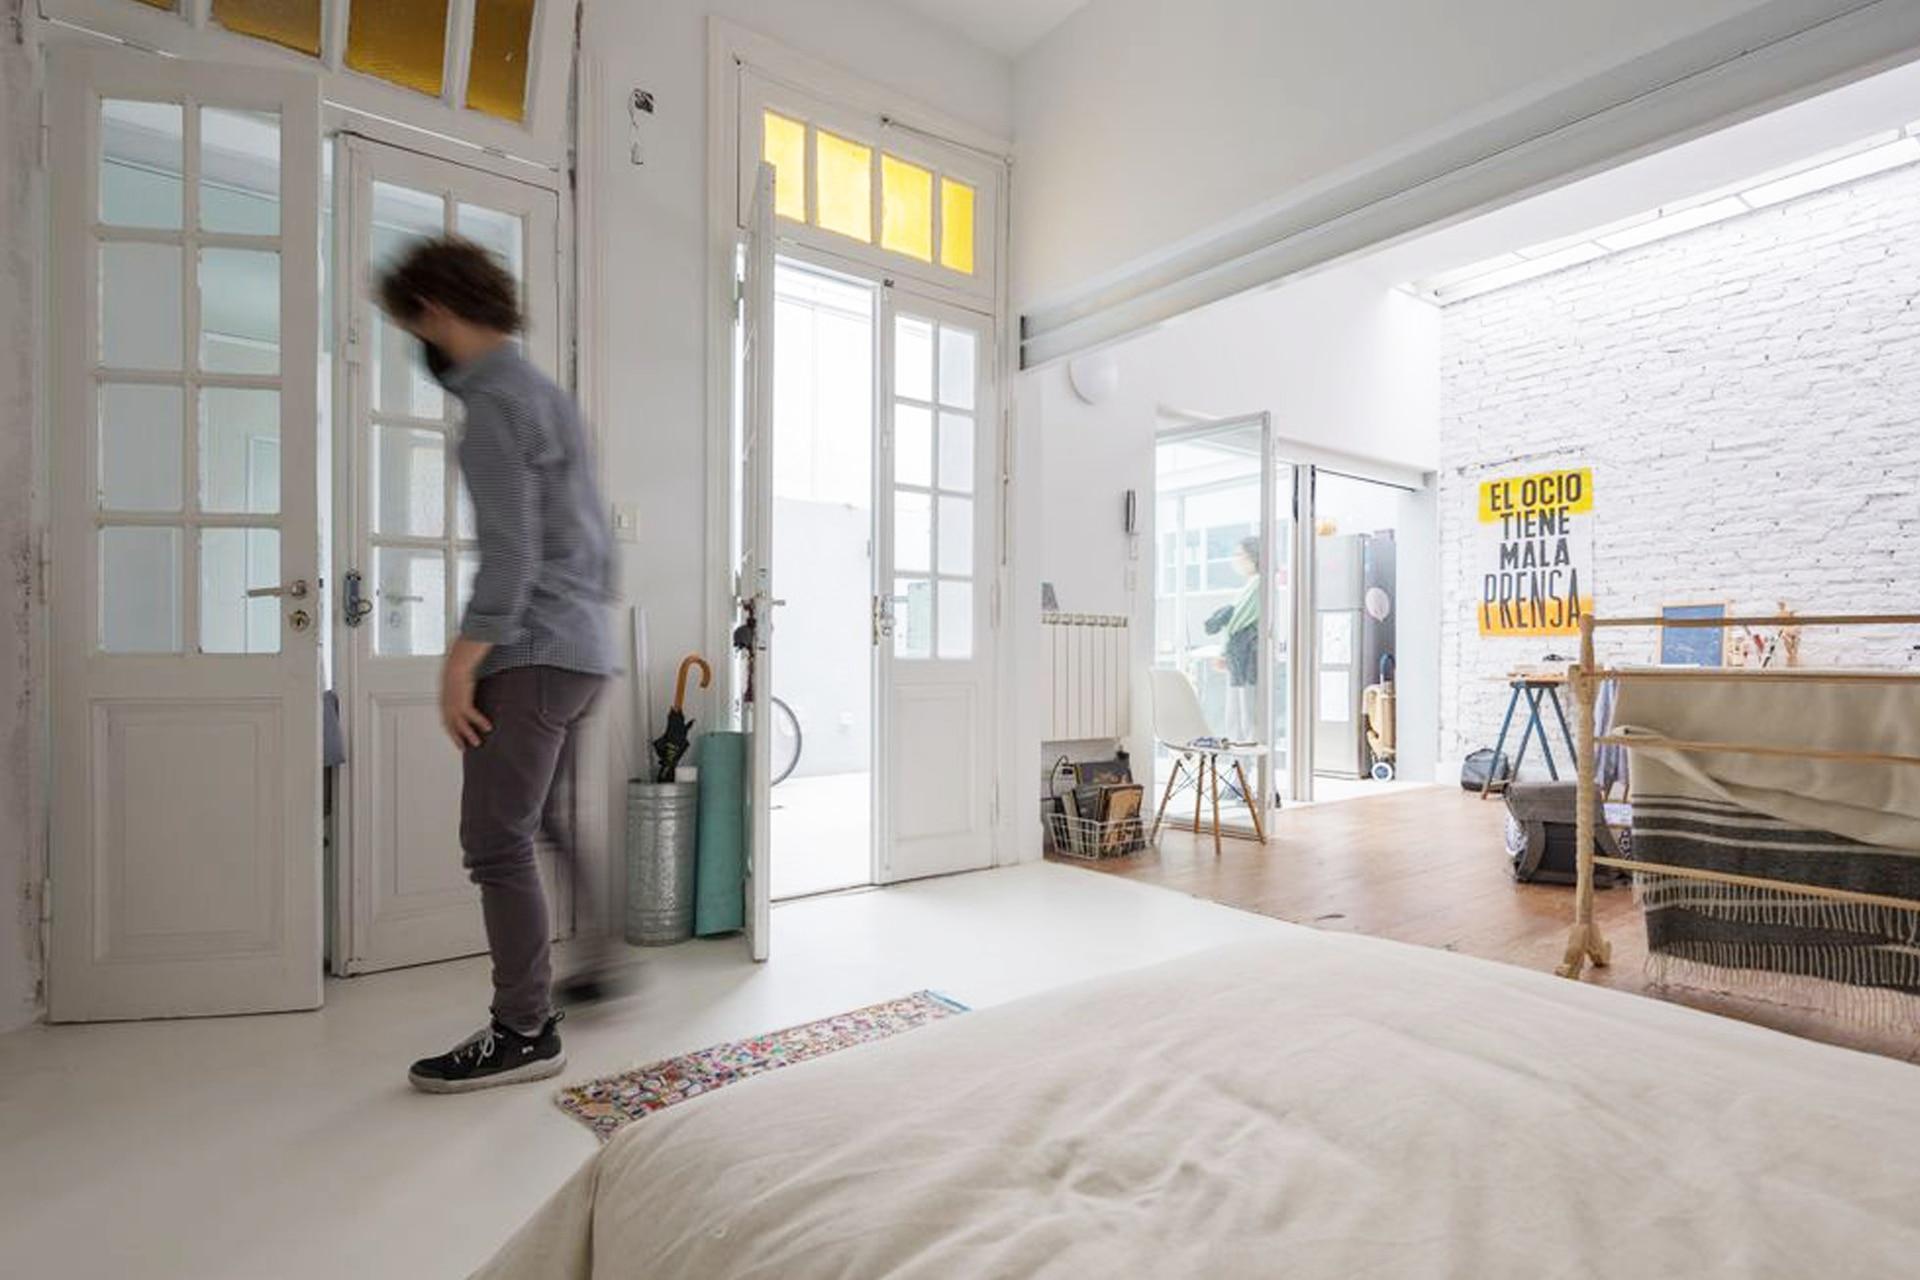 Una doble puerta de vidrio repartido da paso al espacio que precede al baño y funciona como práctico lavadero. Allí están el lavarropas y un mueble para la blanquería.